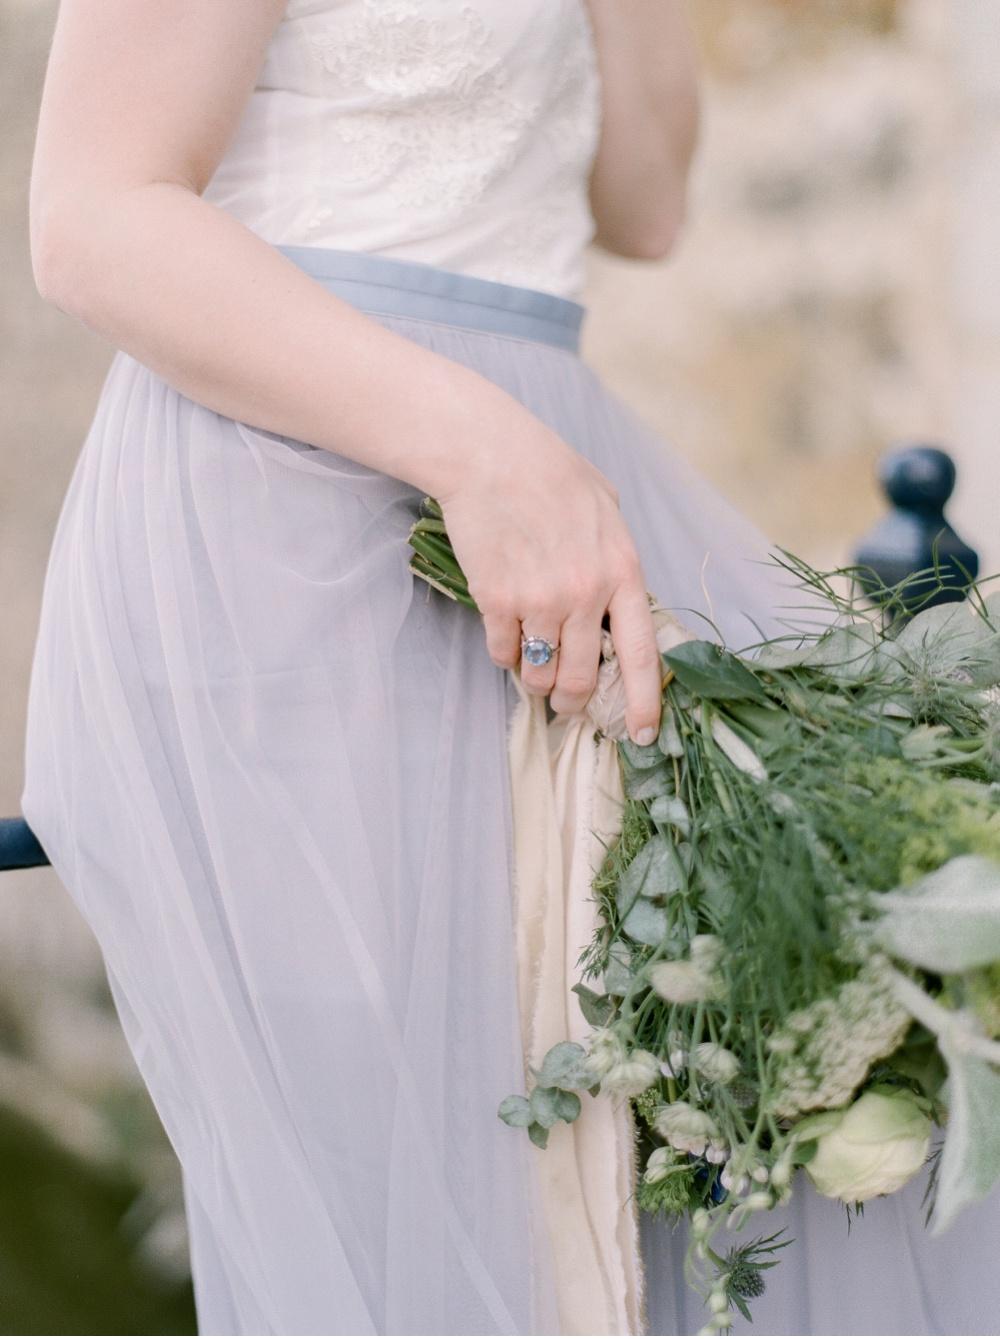 Wedding_Photographer_Tuscany©MadalinaSheldon_0020.jpg